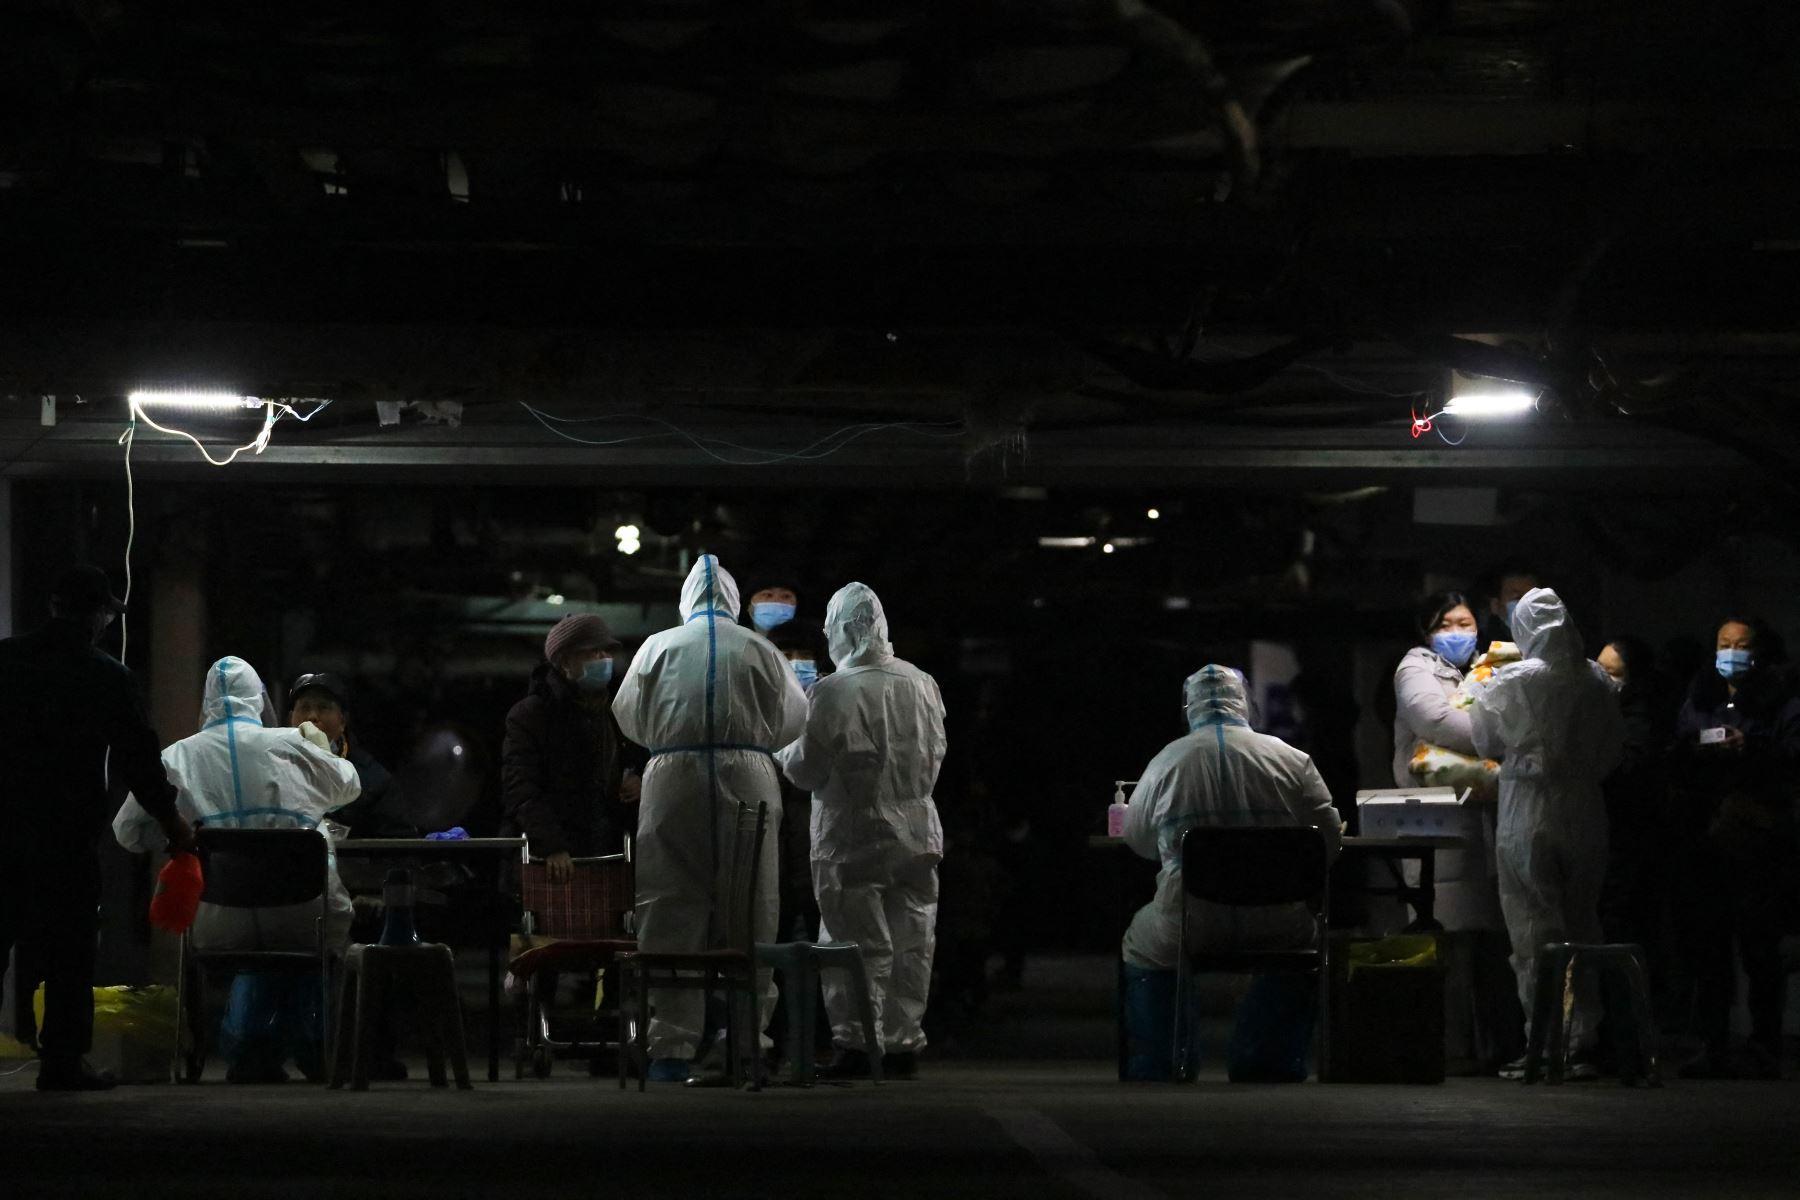 Los residentes se someten a pruebas de Covid-19 en el sótano de un complejo residencial como parte de un programa de pruebas masivas tras los nuevos casos del virus que surgieron en Shijiazhuang, en la provincia de Hebei, en el centro de China, el 12 de enero de 2021. Foto: AFP